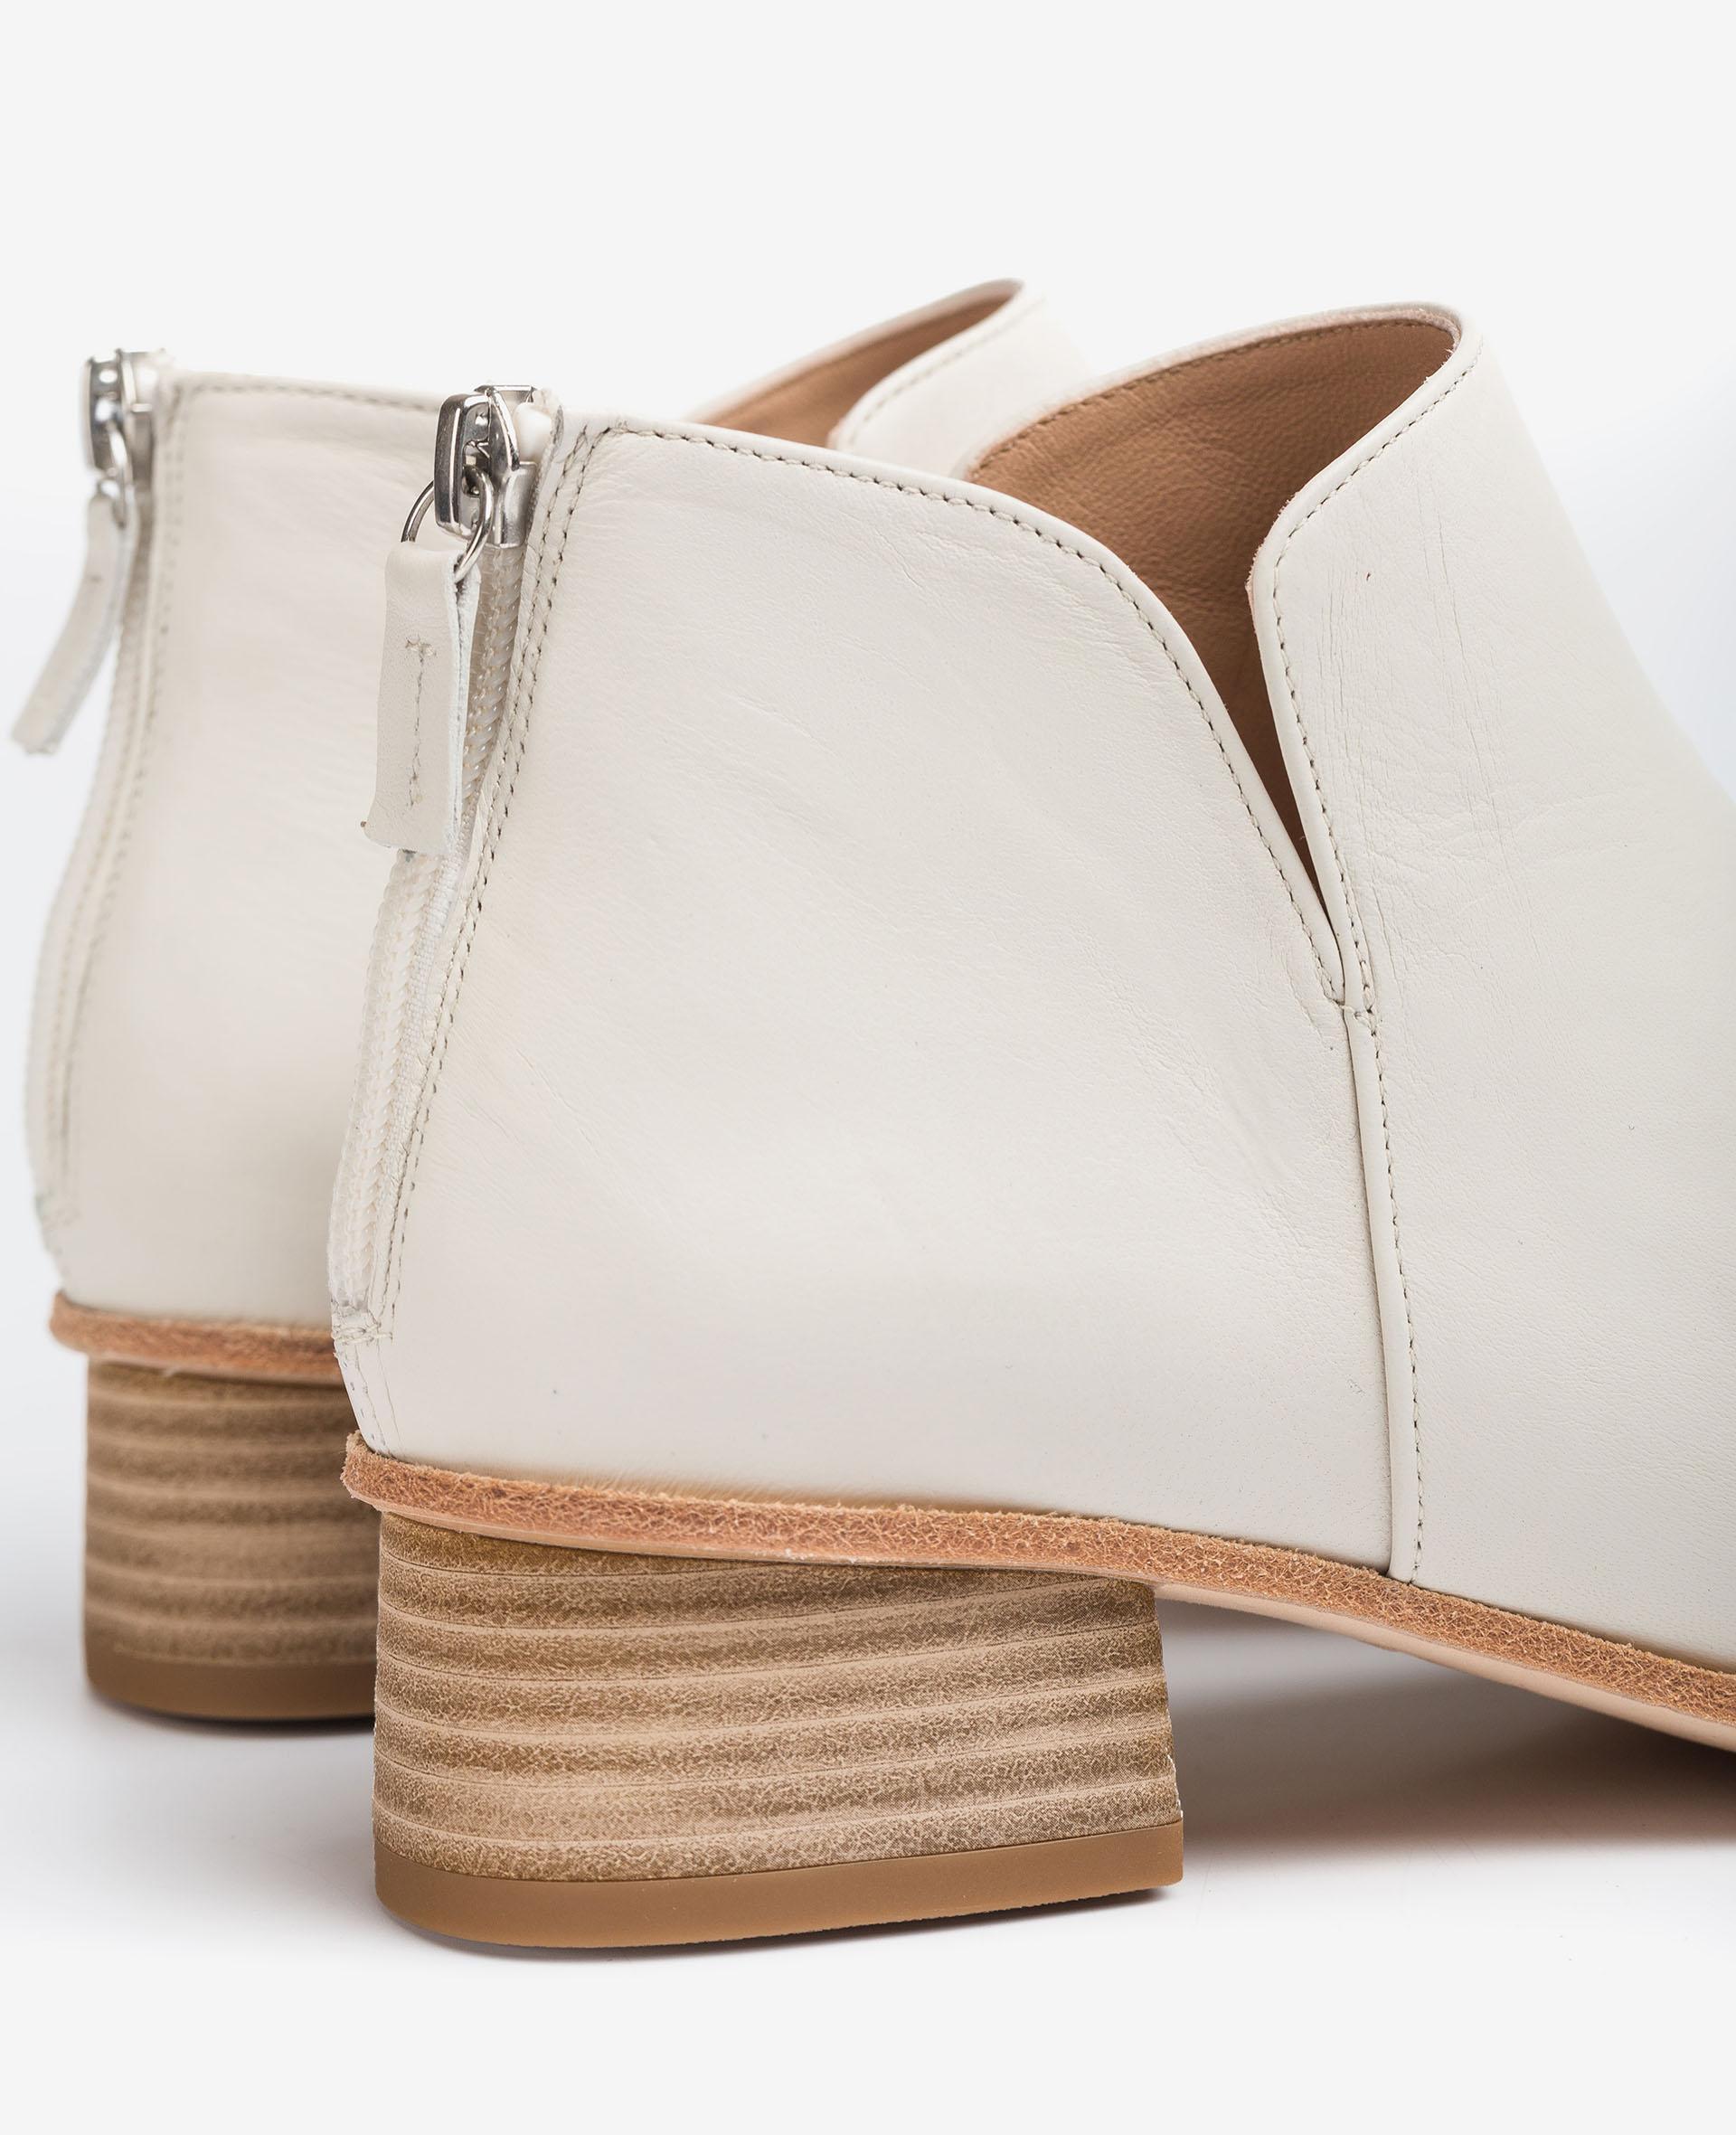 UNISA Ankle-Boots aus Leder mit seitlichen Ausschnitten. EJEME_VU 5